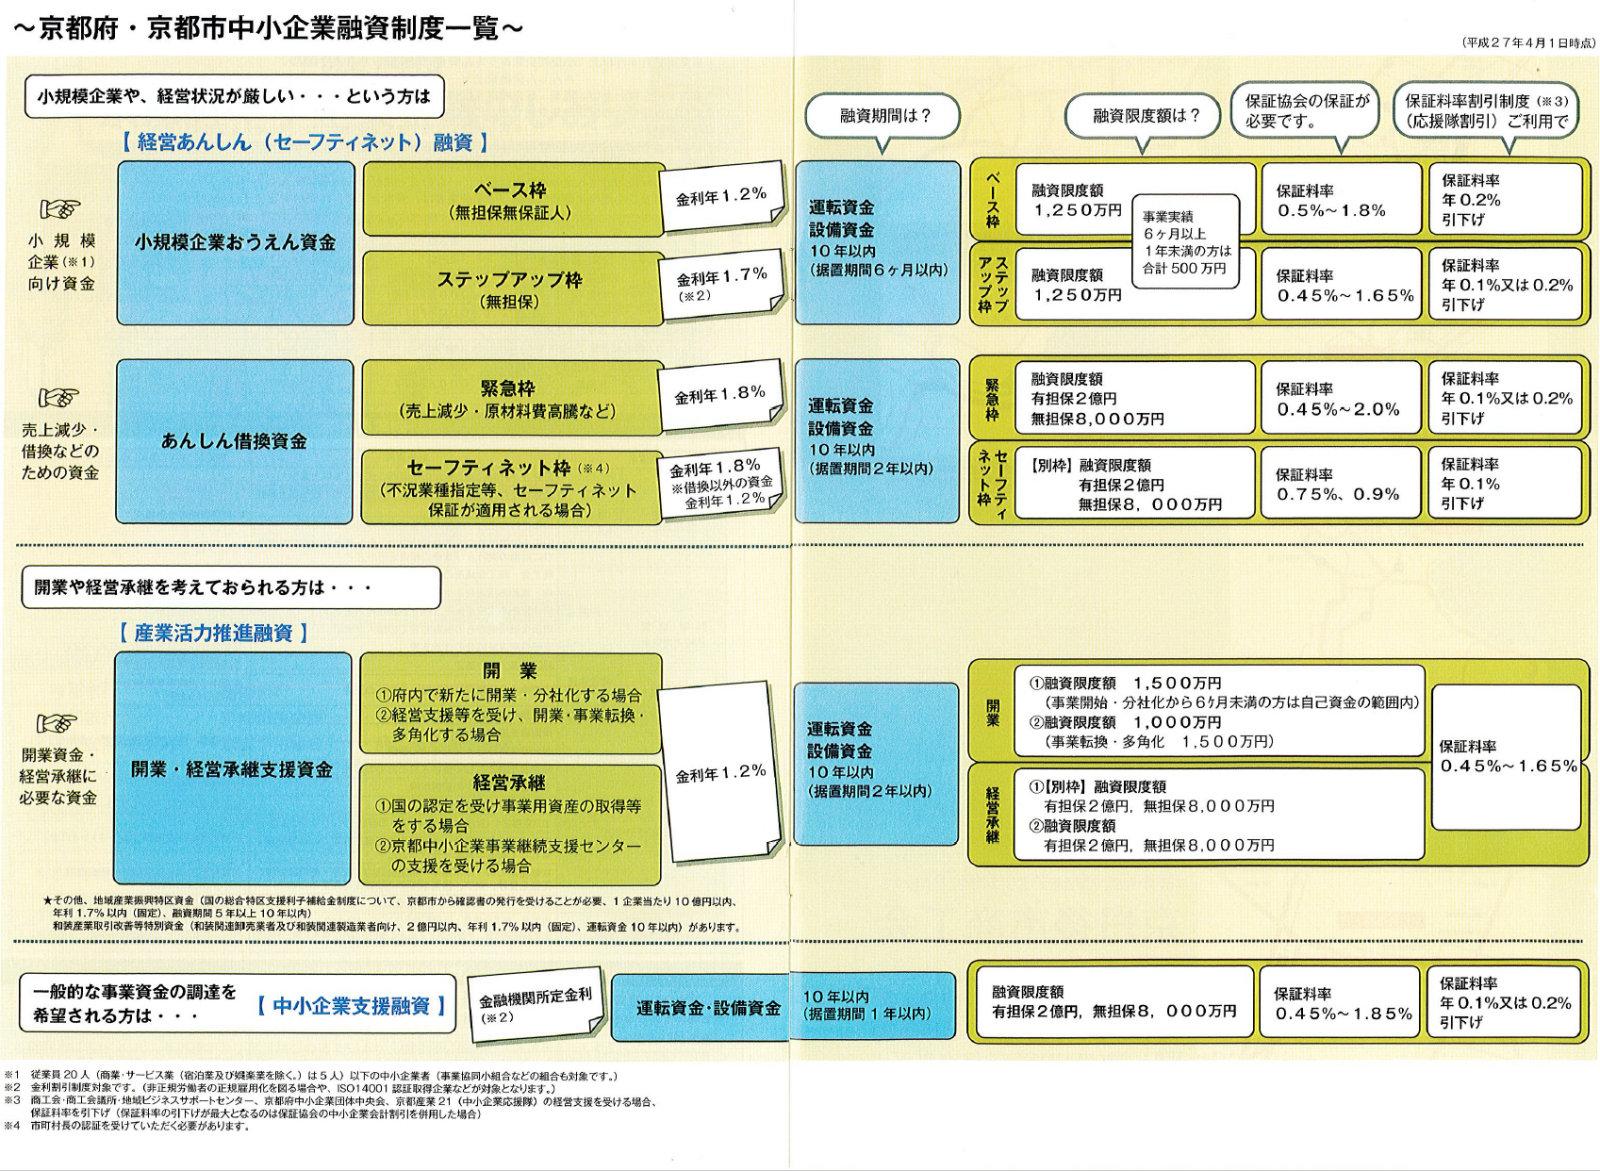 金融パンフレット9 京都府・京都市中小企業融資制度一覧